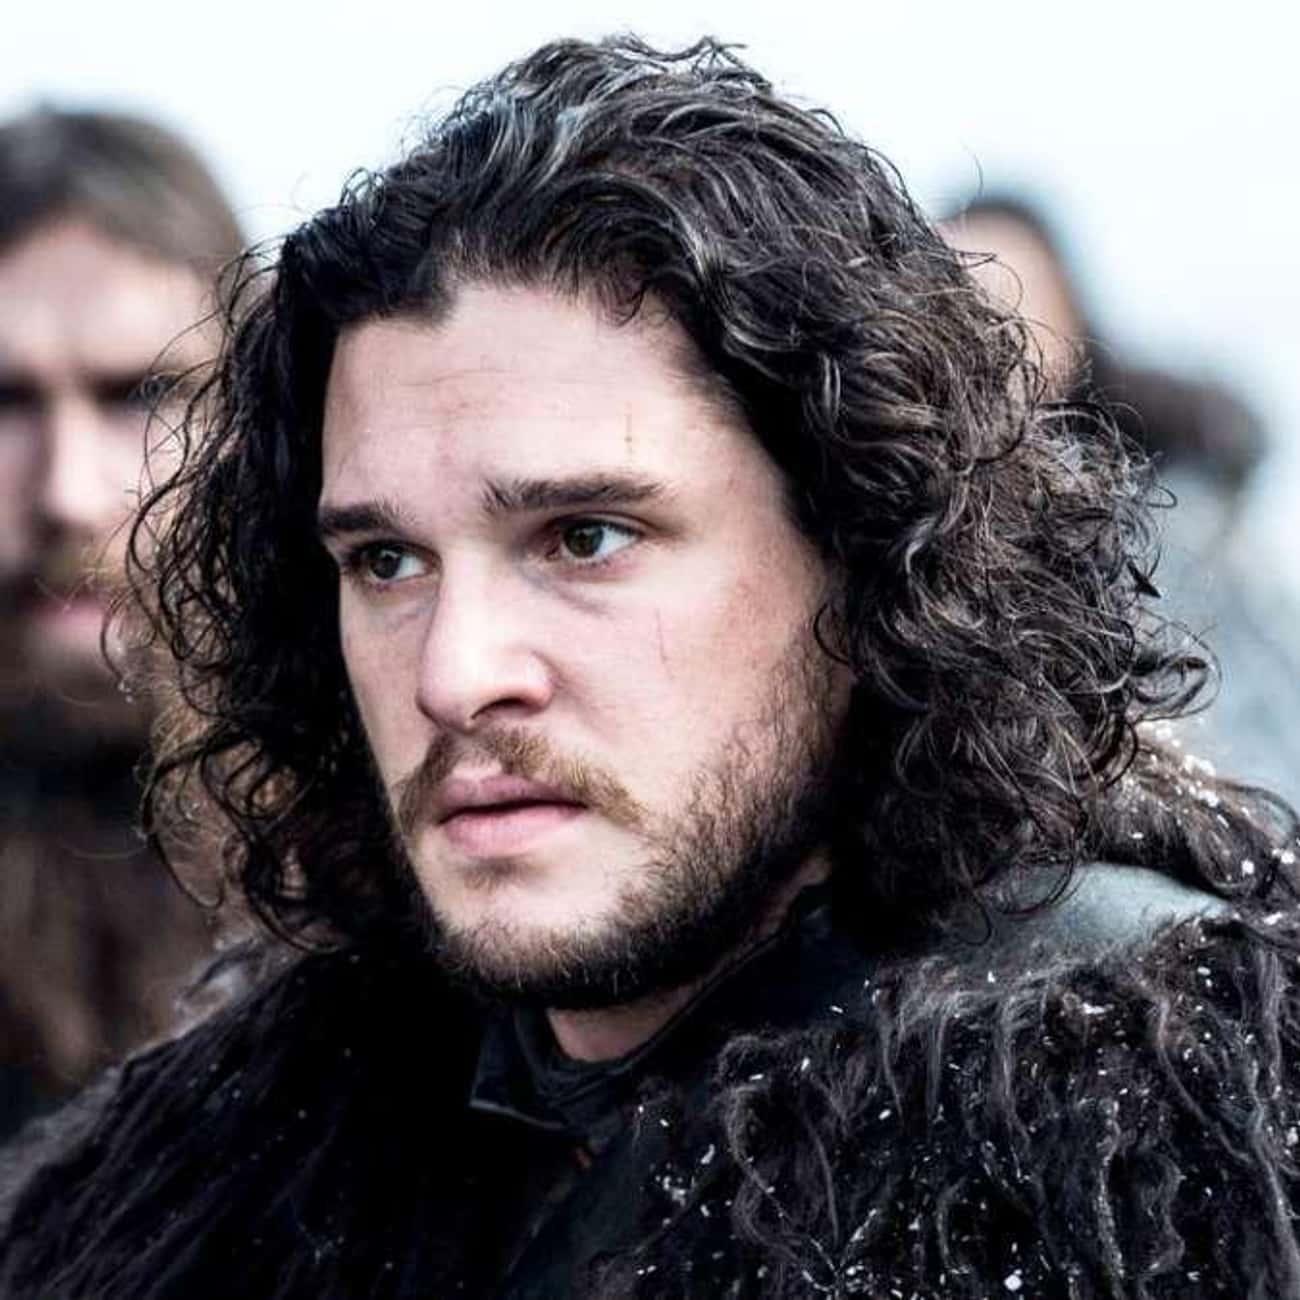 Jon Snow - 42